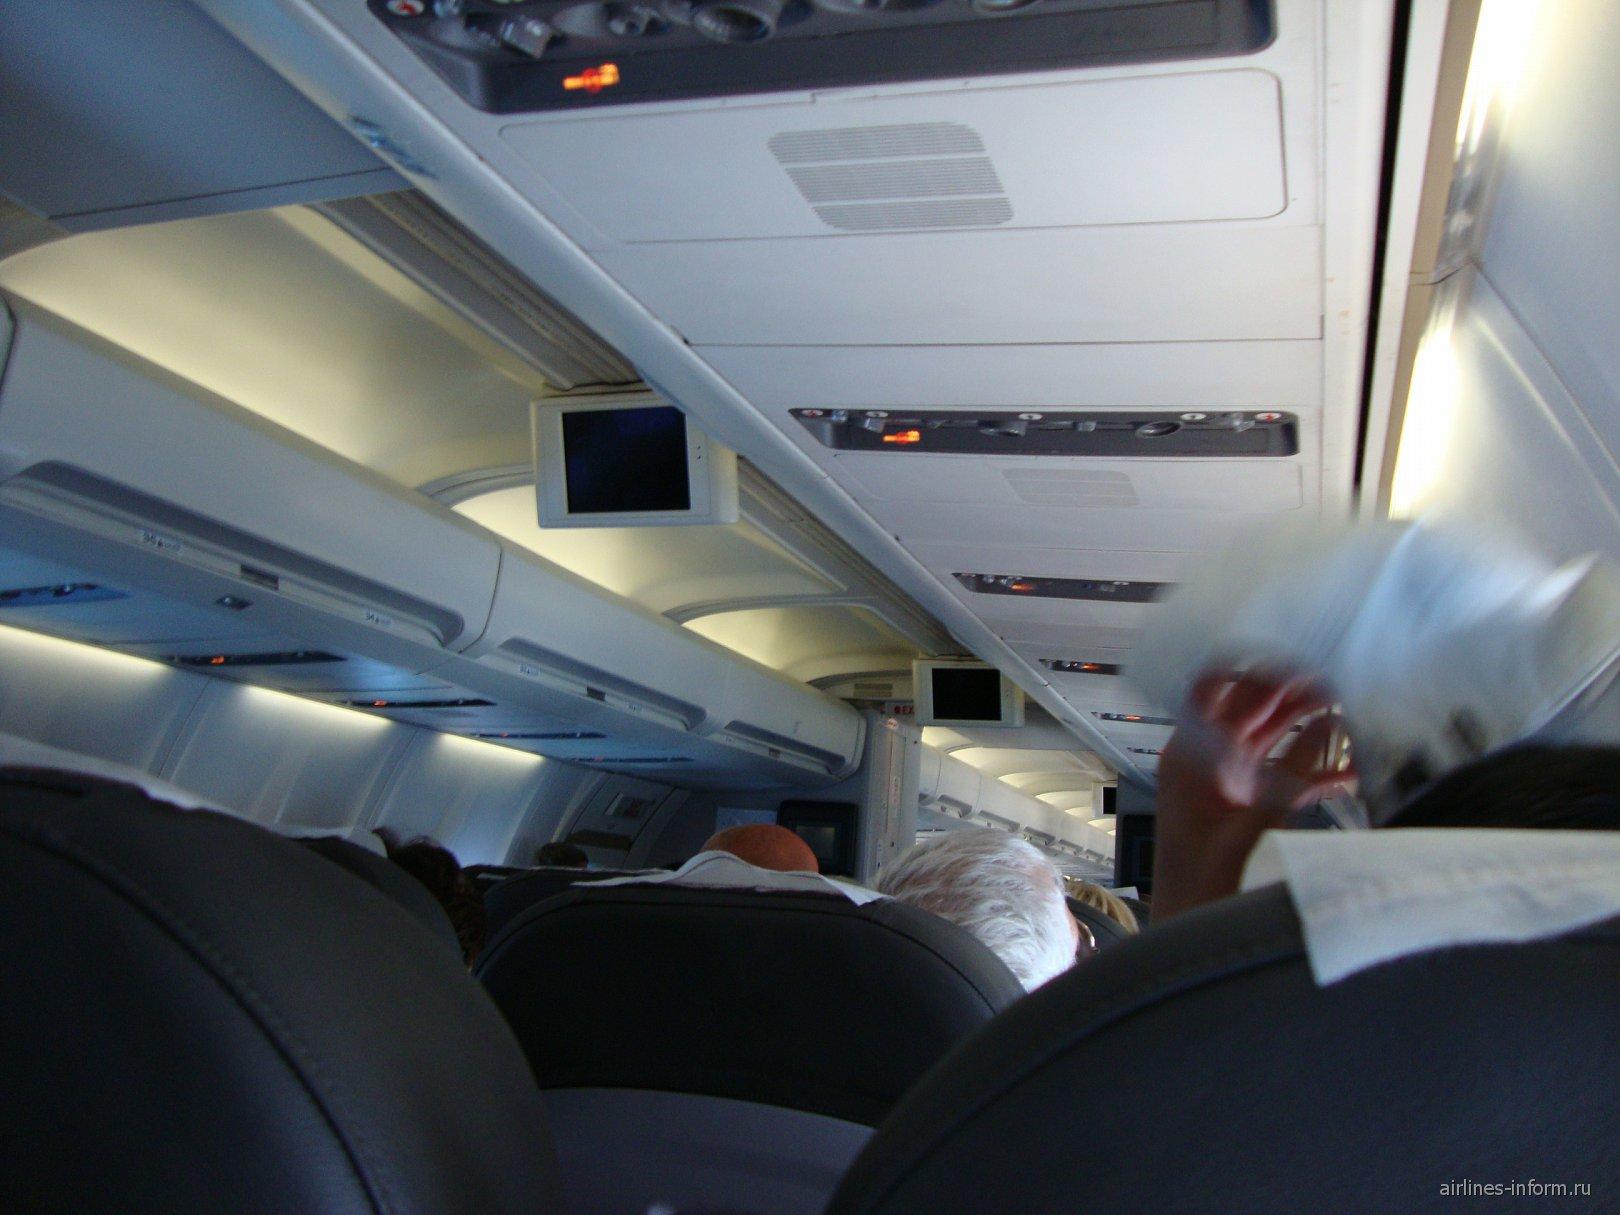 Салон самолета Боинг-757 ЮТэйр